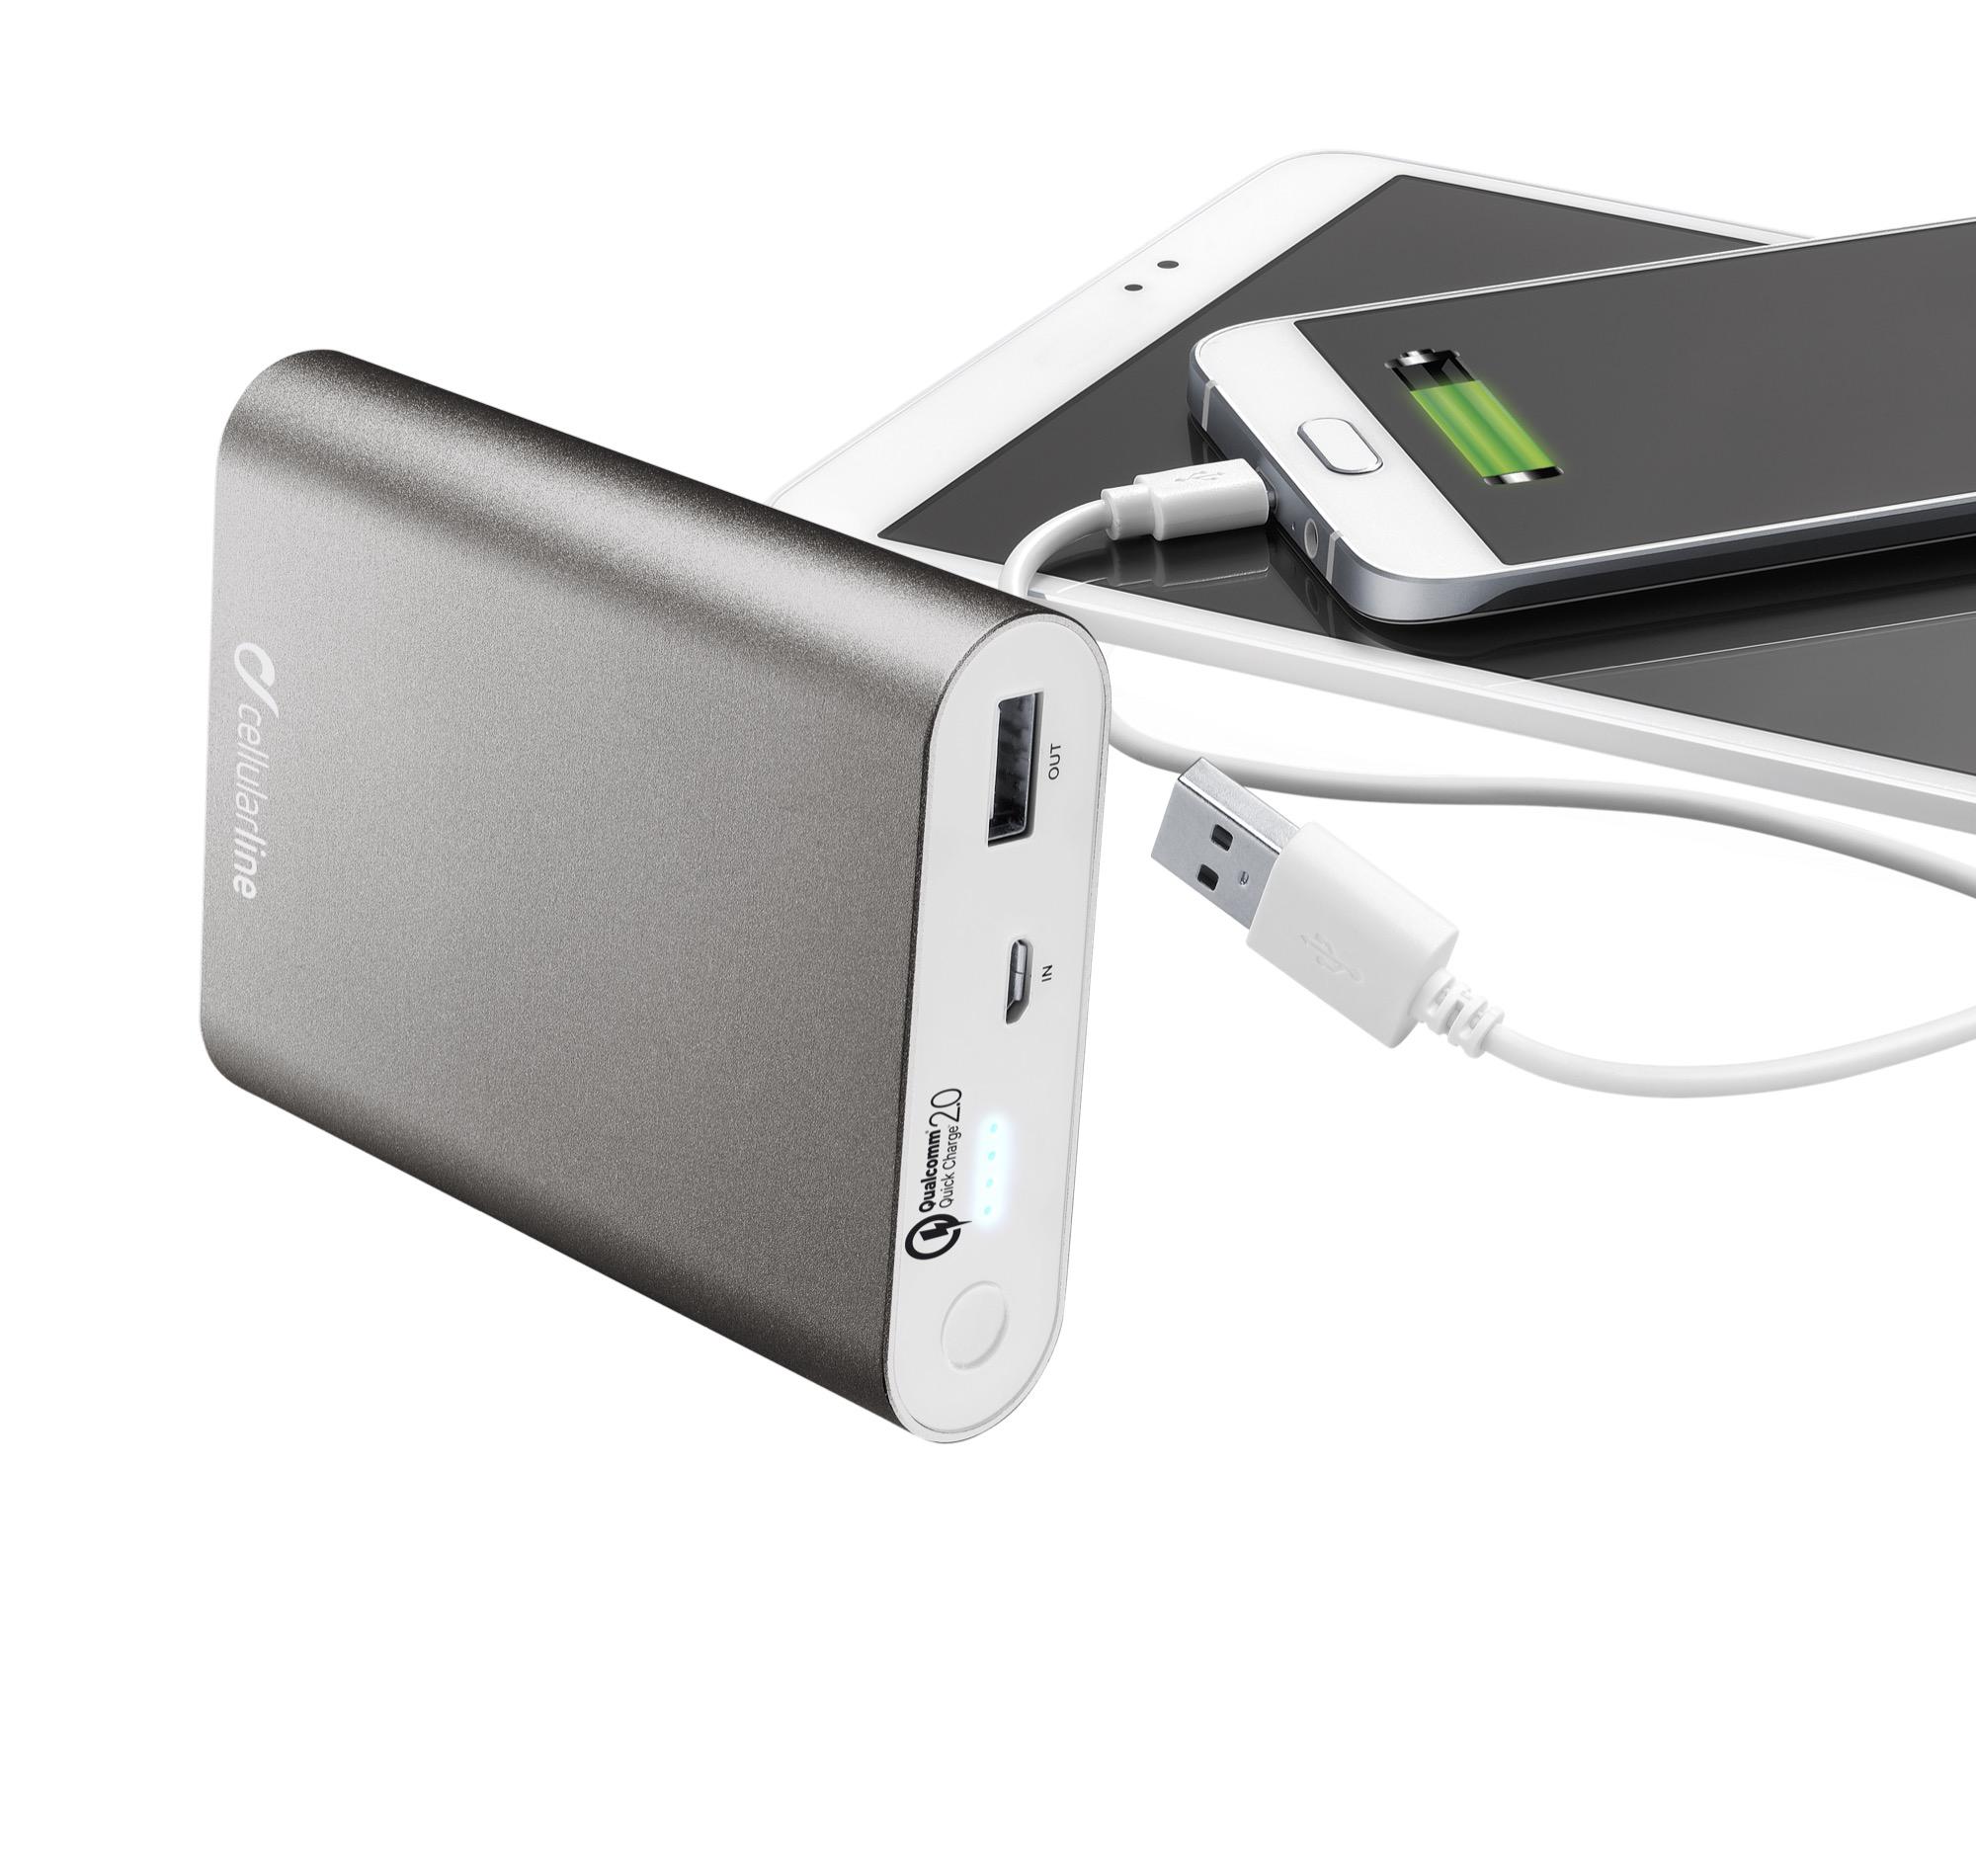 Portable charger dual usb, free power 10.000mAh, Qualcomm 2.0, black